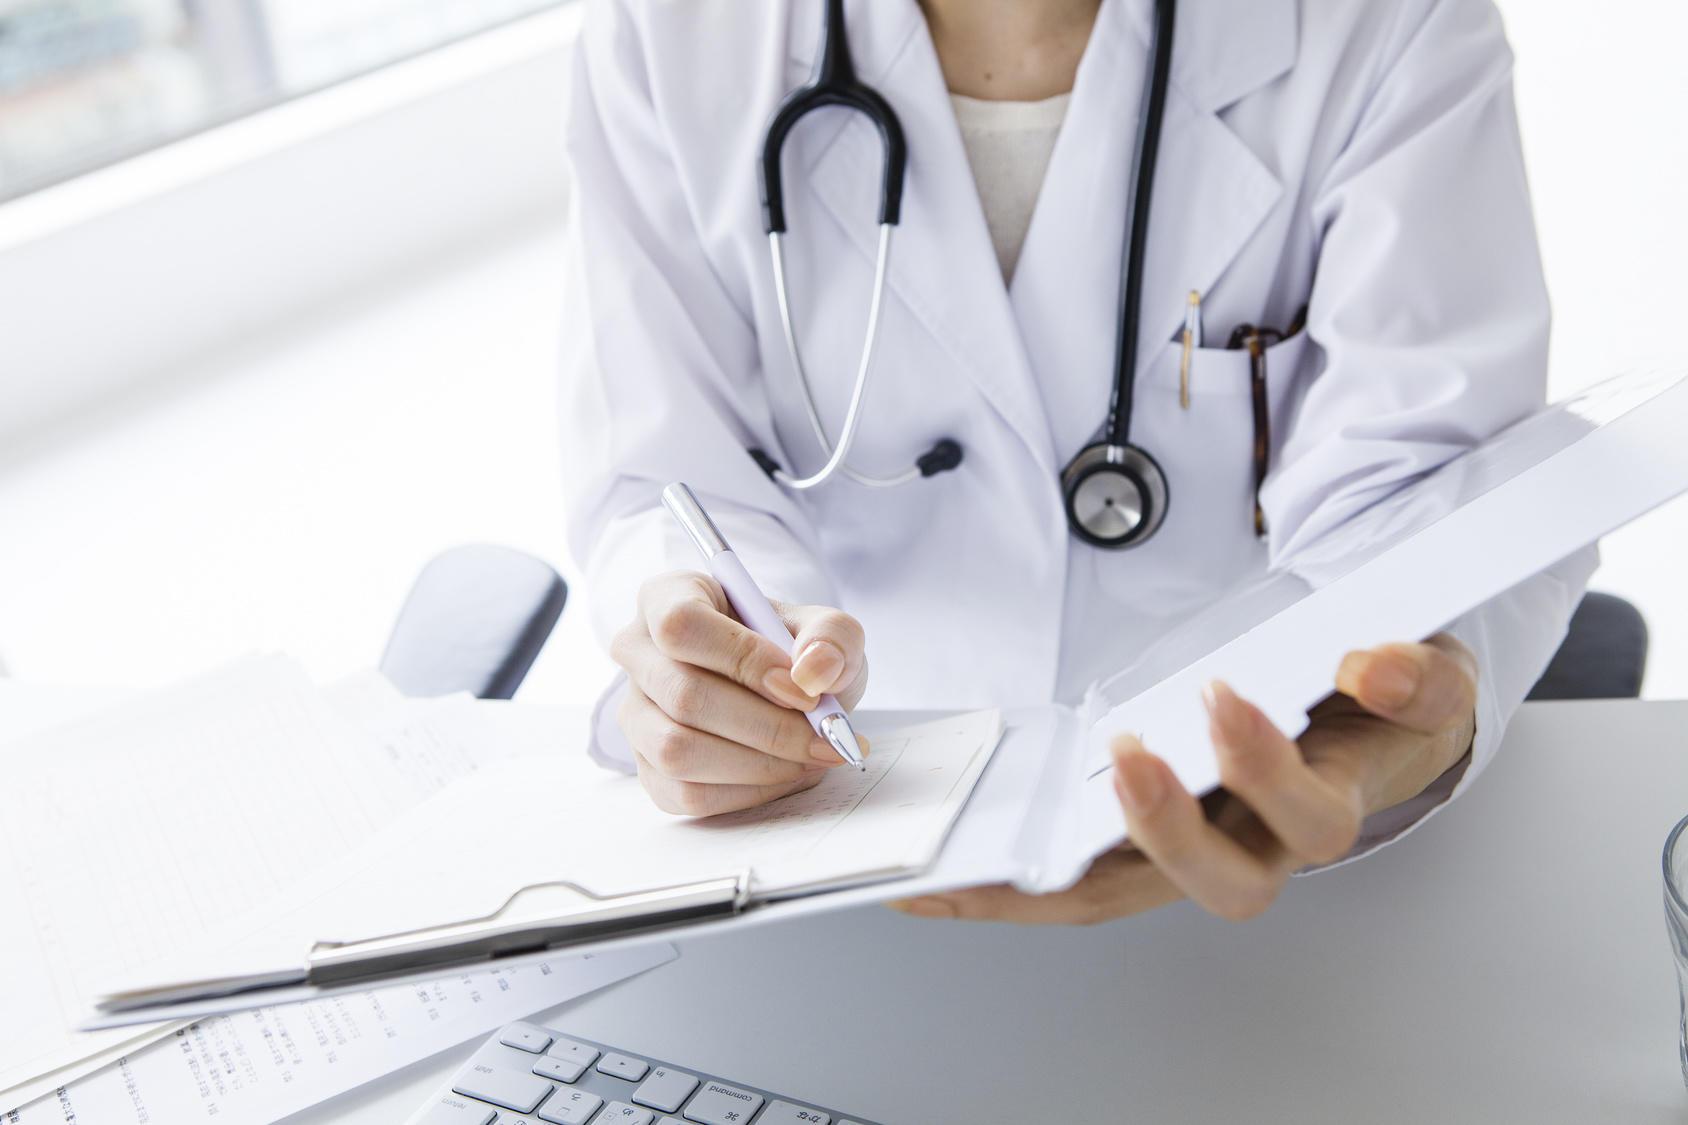 地域保健・健康増進事業報告②~健康診査についてなど「健康増進事業」の概要